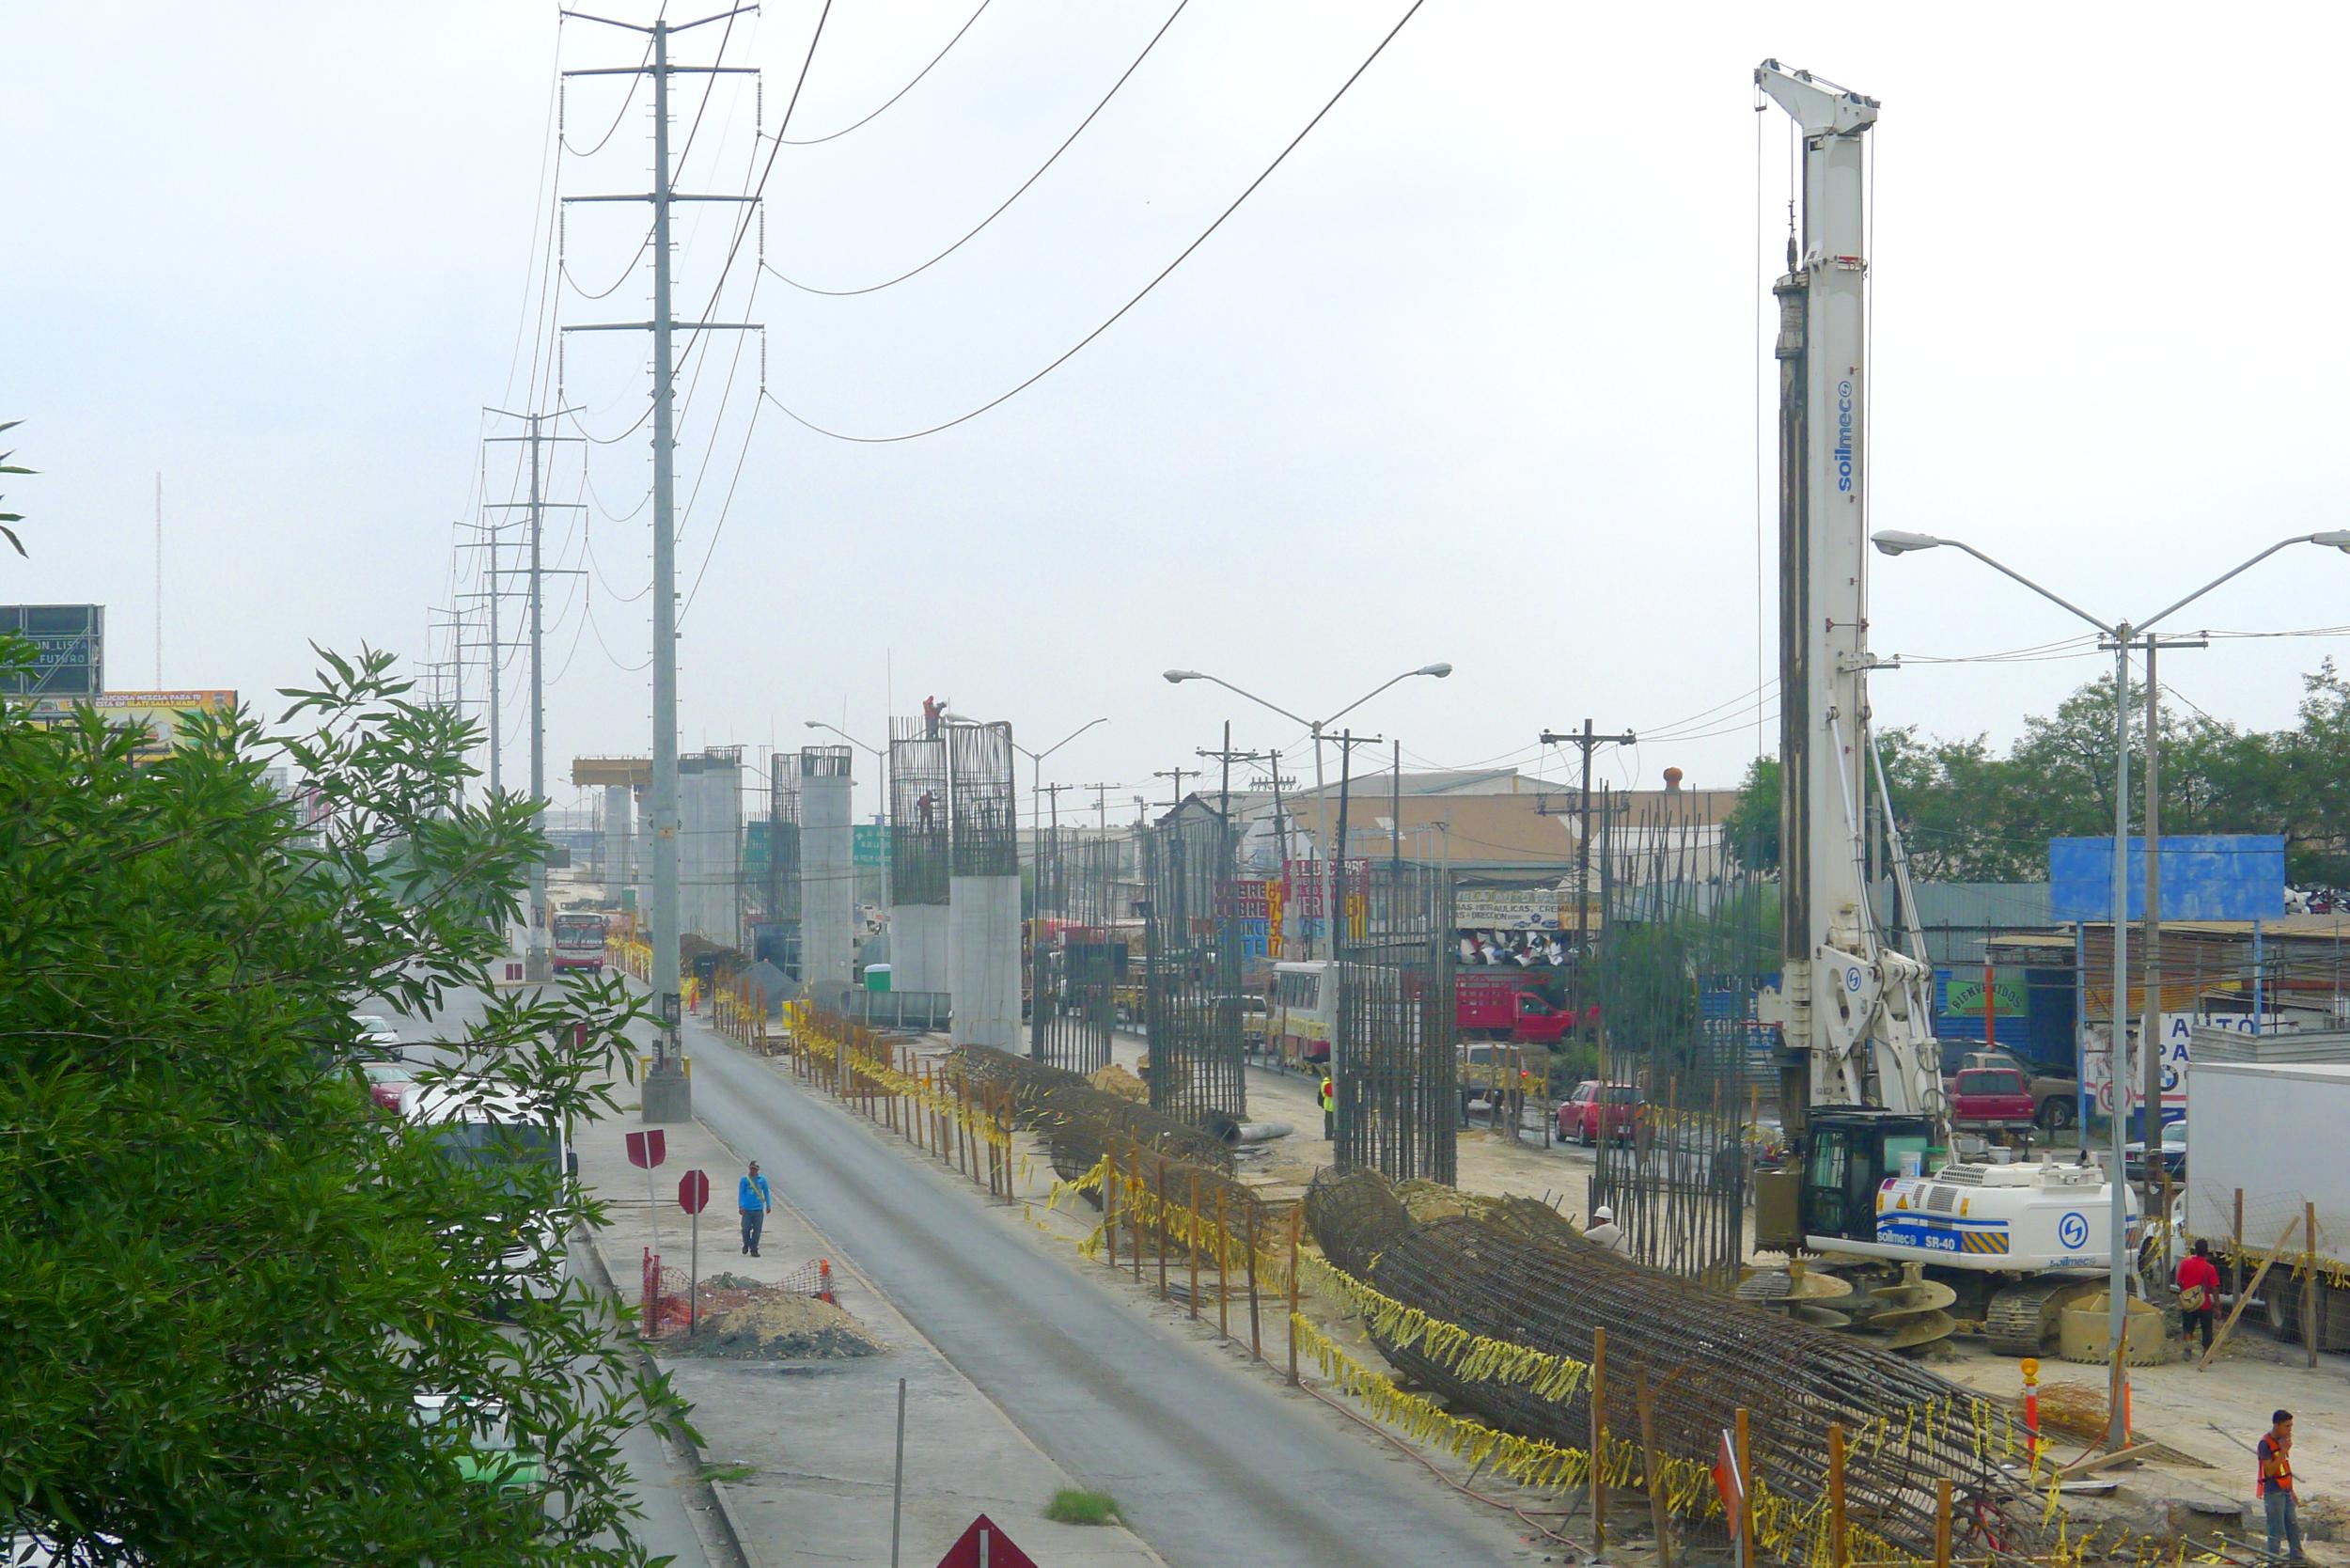 Soilmec, herramienta fundamental para la construcción del Metro en México.